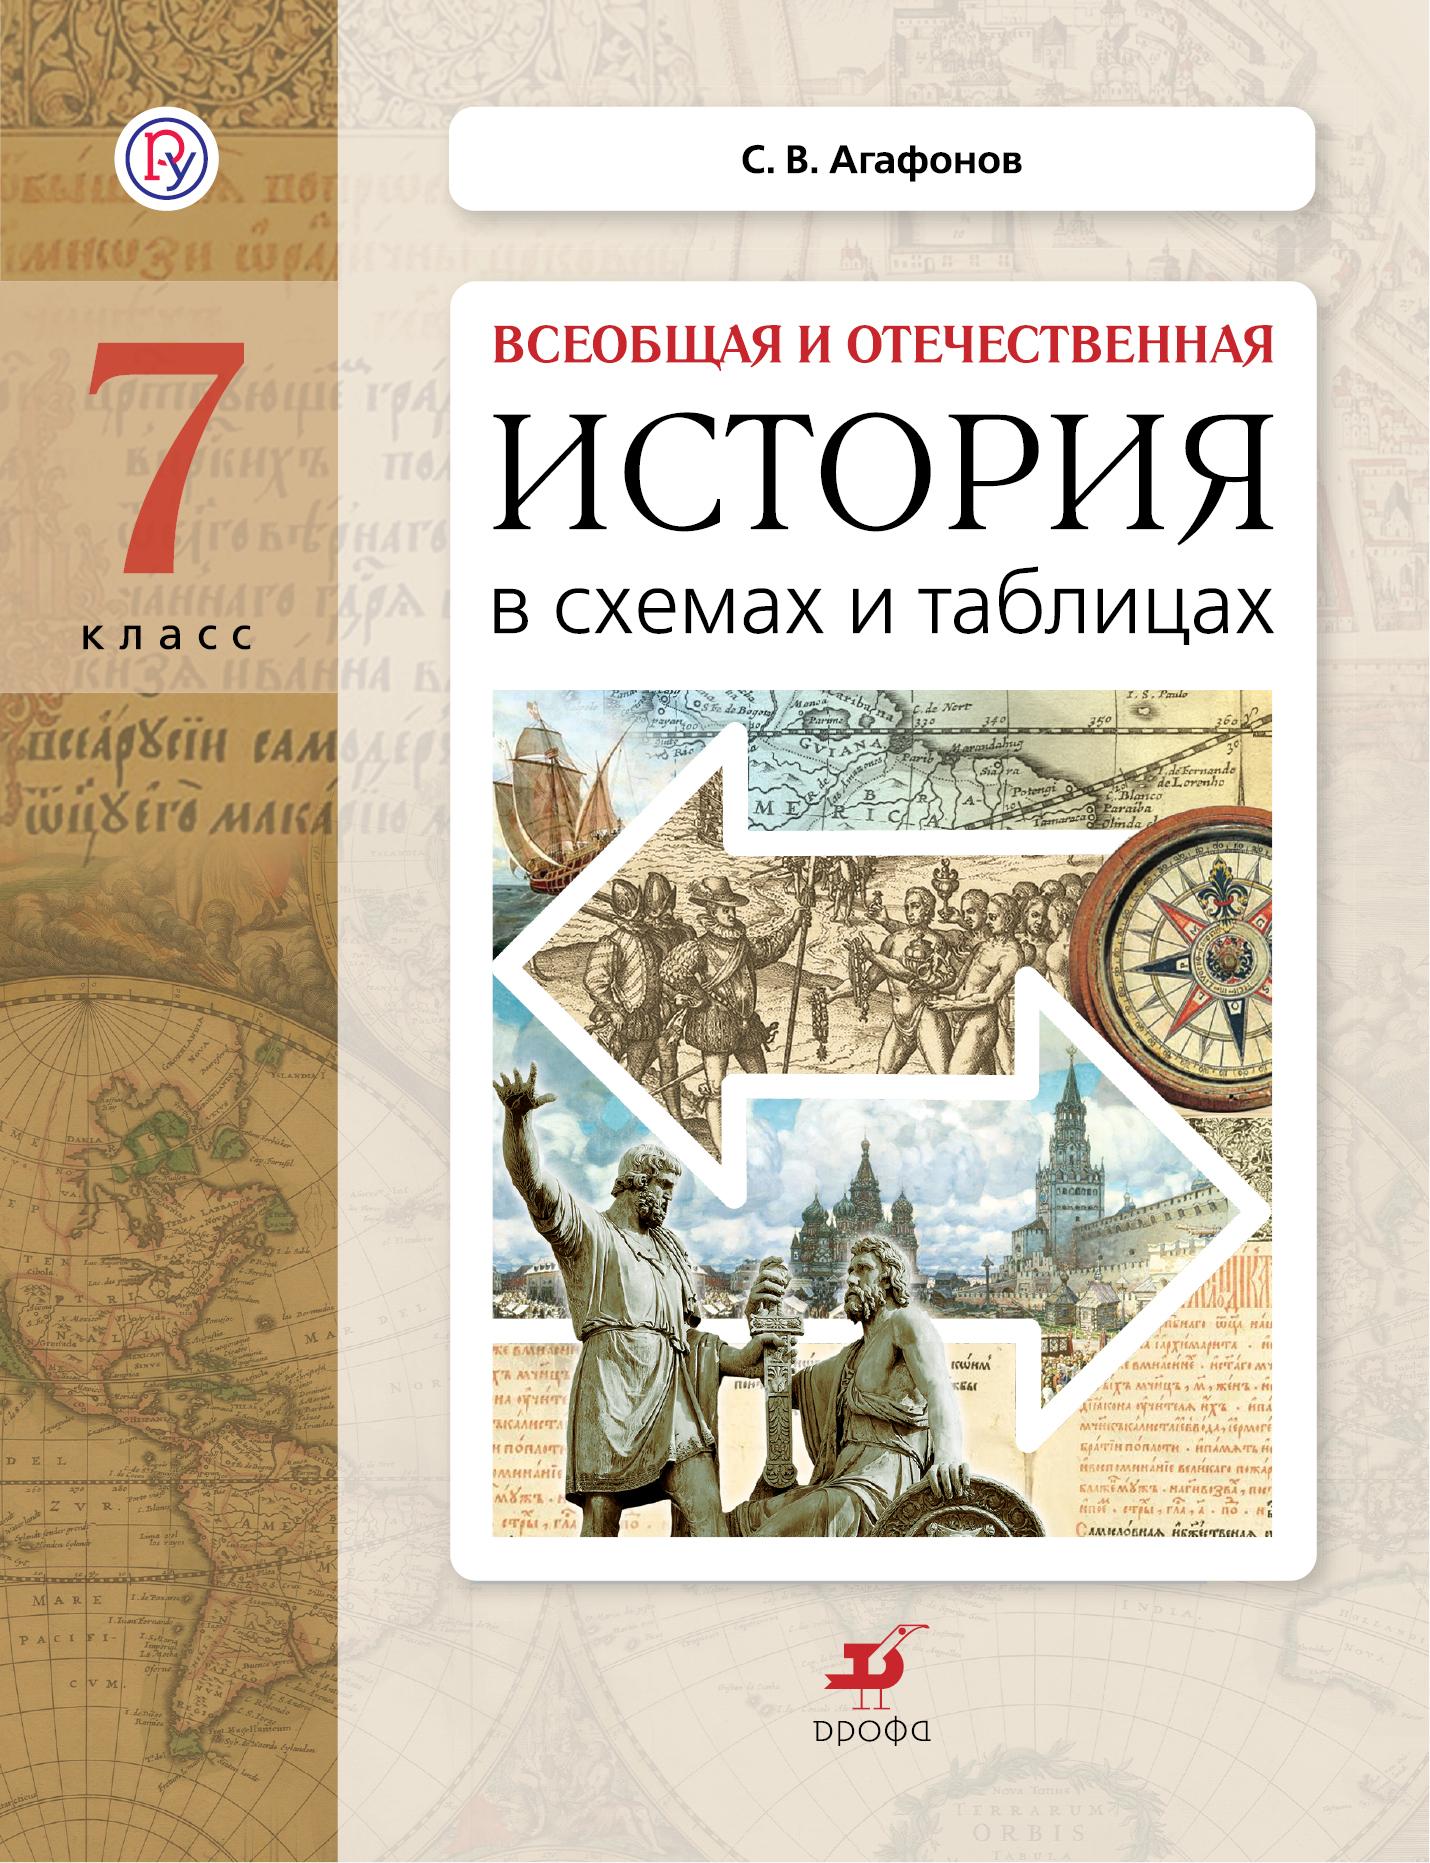 Агафонов С.В. Всеобщая и отечественная история в схемах и таблицах. 7 класс. Практикум.